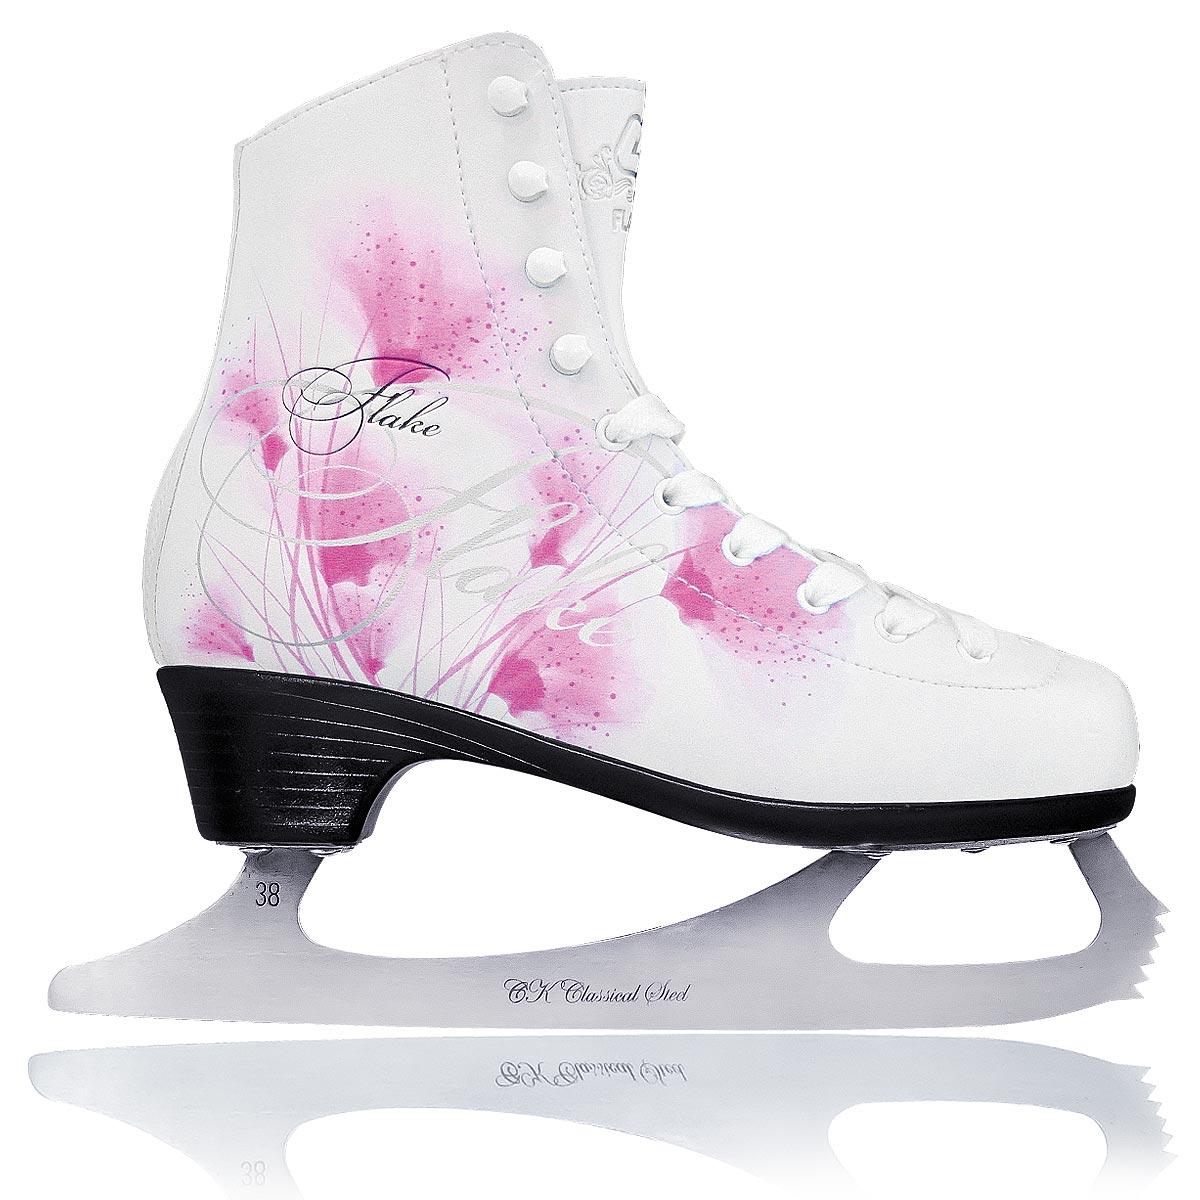 Коньки фигурные женские CK Flake Leather, цвет: белый, фуксия. Размер 41FLAKE leather_белый, фуксия_41Фигурные коньки от CK Flake Leather идеально подойдут для любительского катания. Модель выполнена из современной морозоустойчивой искусственной кожи с высокой, плотной колодкой и усиленным задником, обеспечивающим боковую поддержку ноги. Внутренняя поверхность из натуральной кожи обеспечивает удобство во время движения. Анатомический язычок из войлока и искусственной кожи идеально облегает стопу и повышает комфорт. Стелька из упругого пенного полимерного материала EVA предназначена для быстрой адаптации ботинка к индивидуальным формам ноги и ее комфортного положения. Ботинок полностью обволакивает ногу, обеспечивает прочную и удобную фиксацию ноги, а также повышенную защиту от ударов. Модель фиксируется на ноге классической шнуровкой. Лезвие выполнено из нержавеющей стали, оно обладает высокой твердостью и долго держит заточку. Модель имеет запатентованную форму лезвия. Уменьшенная передняя пластина и расположение точек опоры стоек оптимально располагают переднюю точку баланса и позволяют улучшить контроль при опоре на переднюю часть конька. Новая запатентованная подошва Graceful обладает элегантным дизайном, повышенной твердостью и пониженным весом. Более высокий каблук делает ногу более изящной и стройной, а также повышает управляемость и маневренность конька.